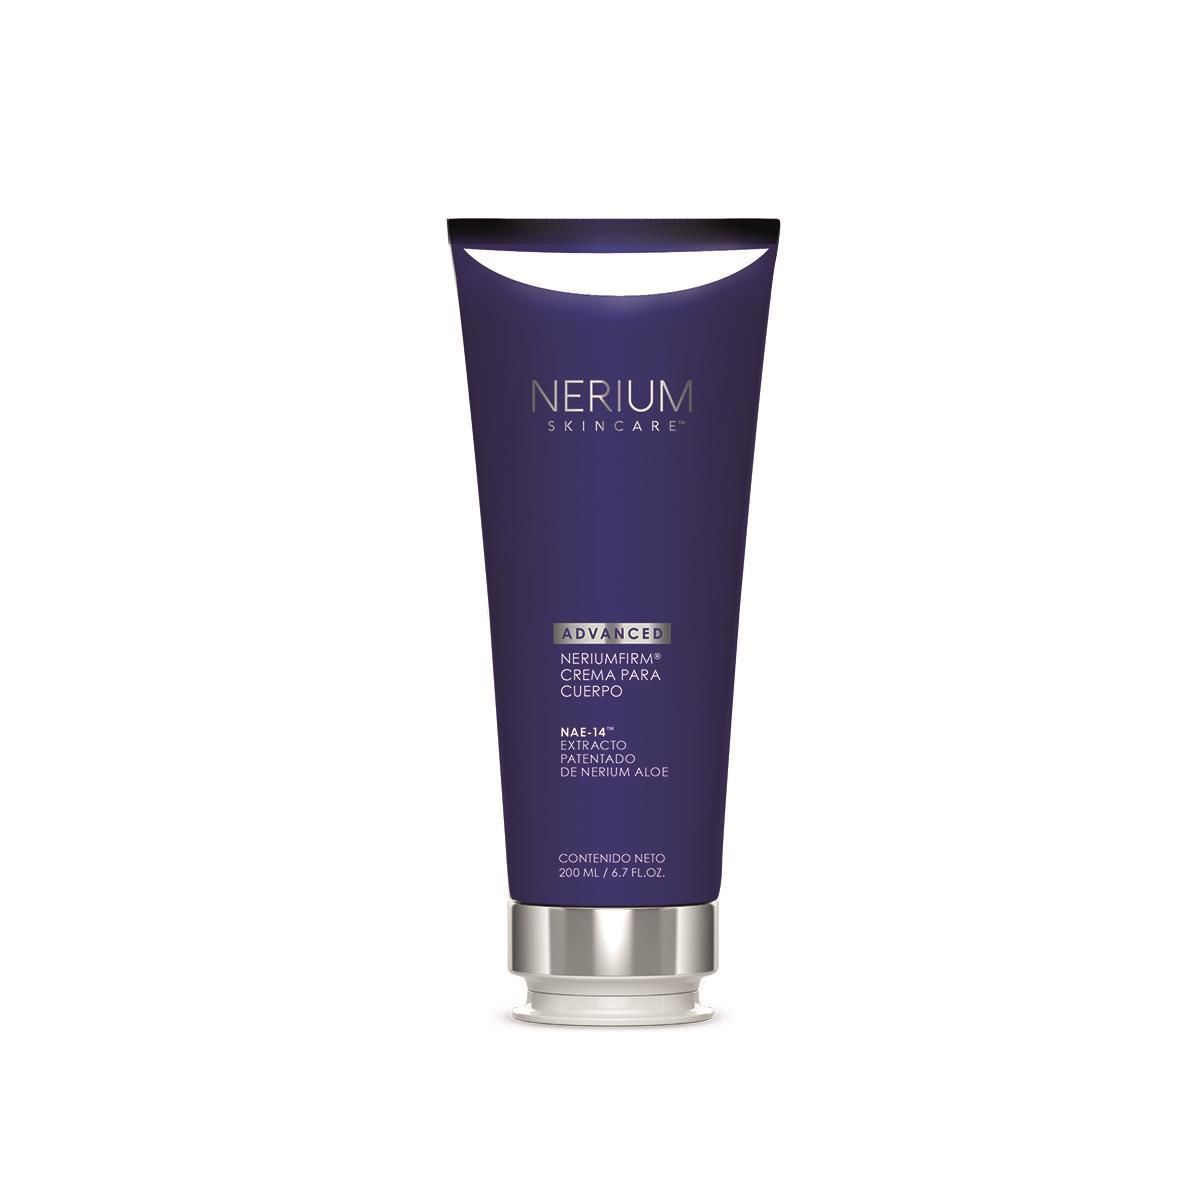 Nerium Advanced Crema Para Cuerpo 200Ml